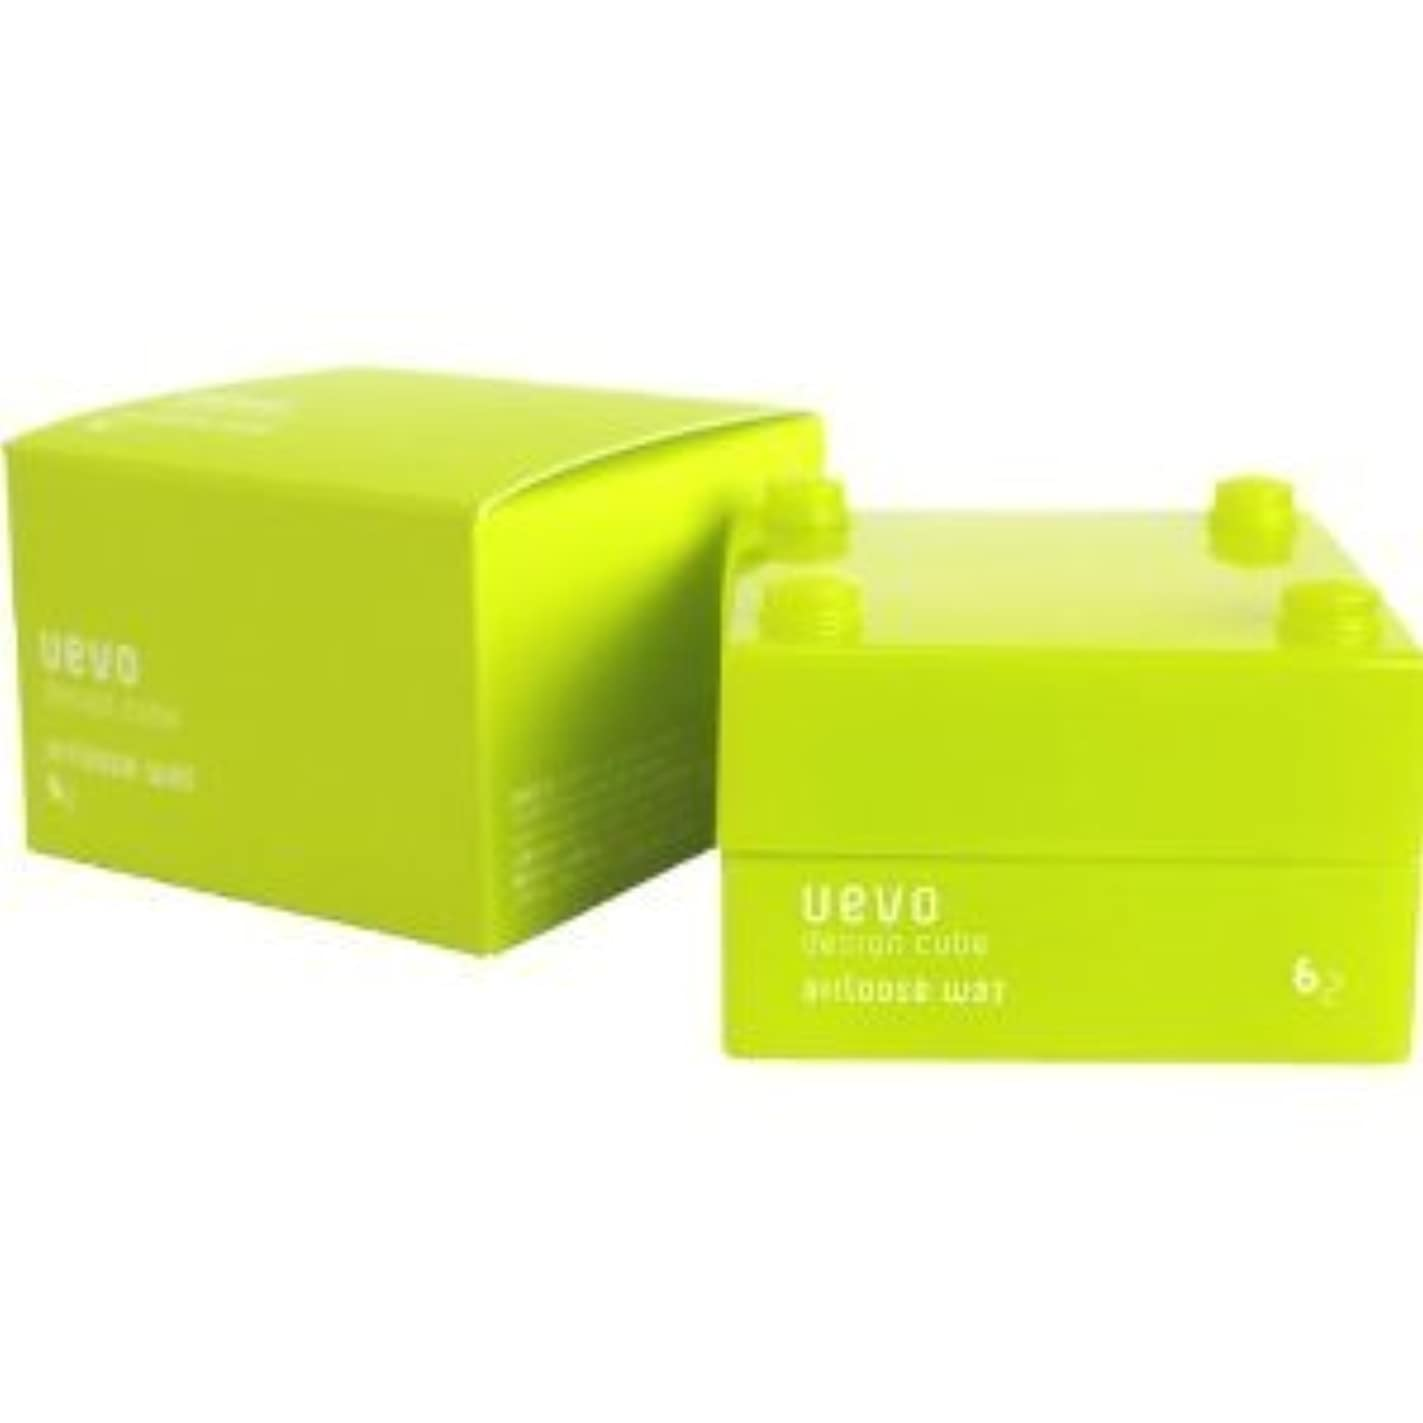 標準肝詳細に【X2個セット】 デミ ウェーボ デザインキューブ エアルーズワックス 30g airloose wax DEMI uevo design cube